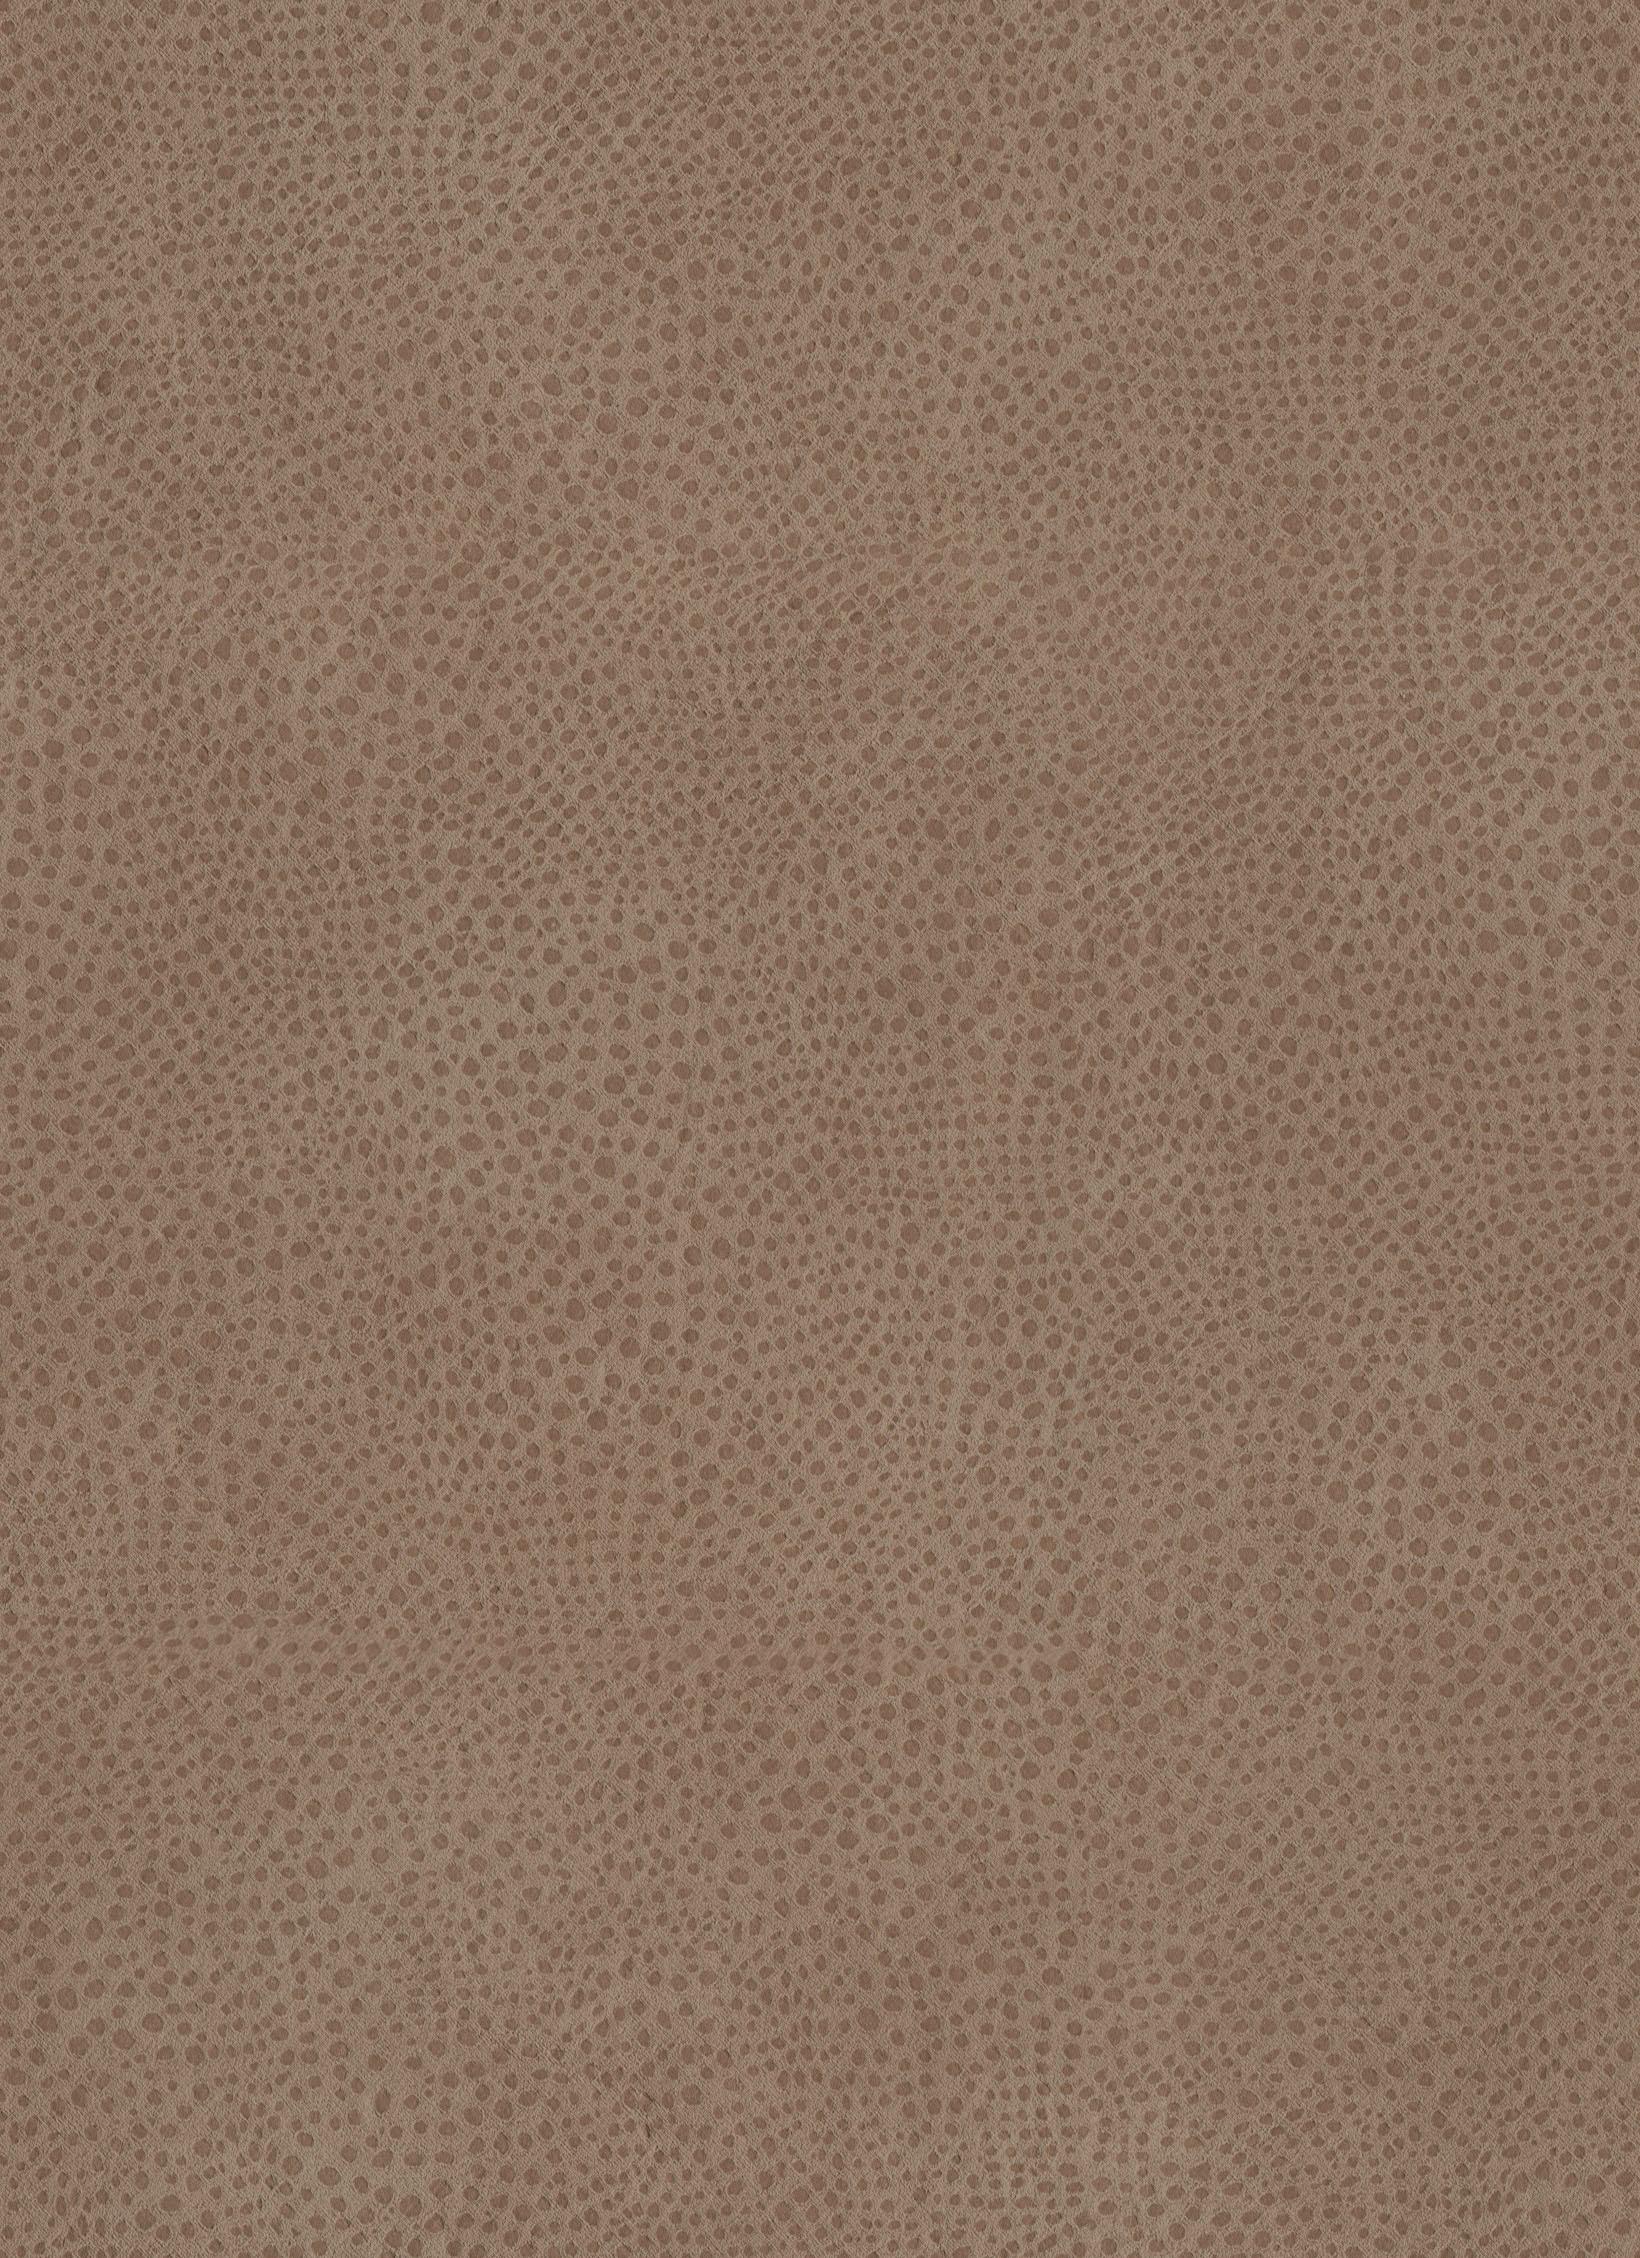 saum viebahn domino 62292140700 stoff f r vorh nge und gardinen nach ma. Black Bedroom Furniture Sets. Home Design Ideas